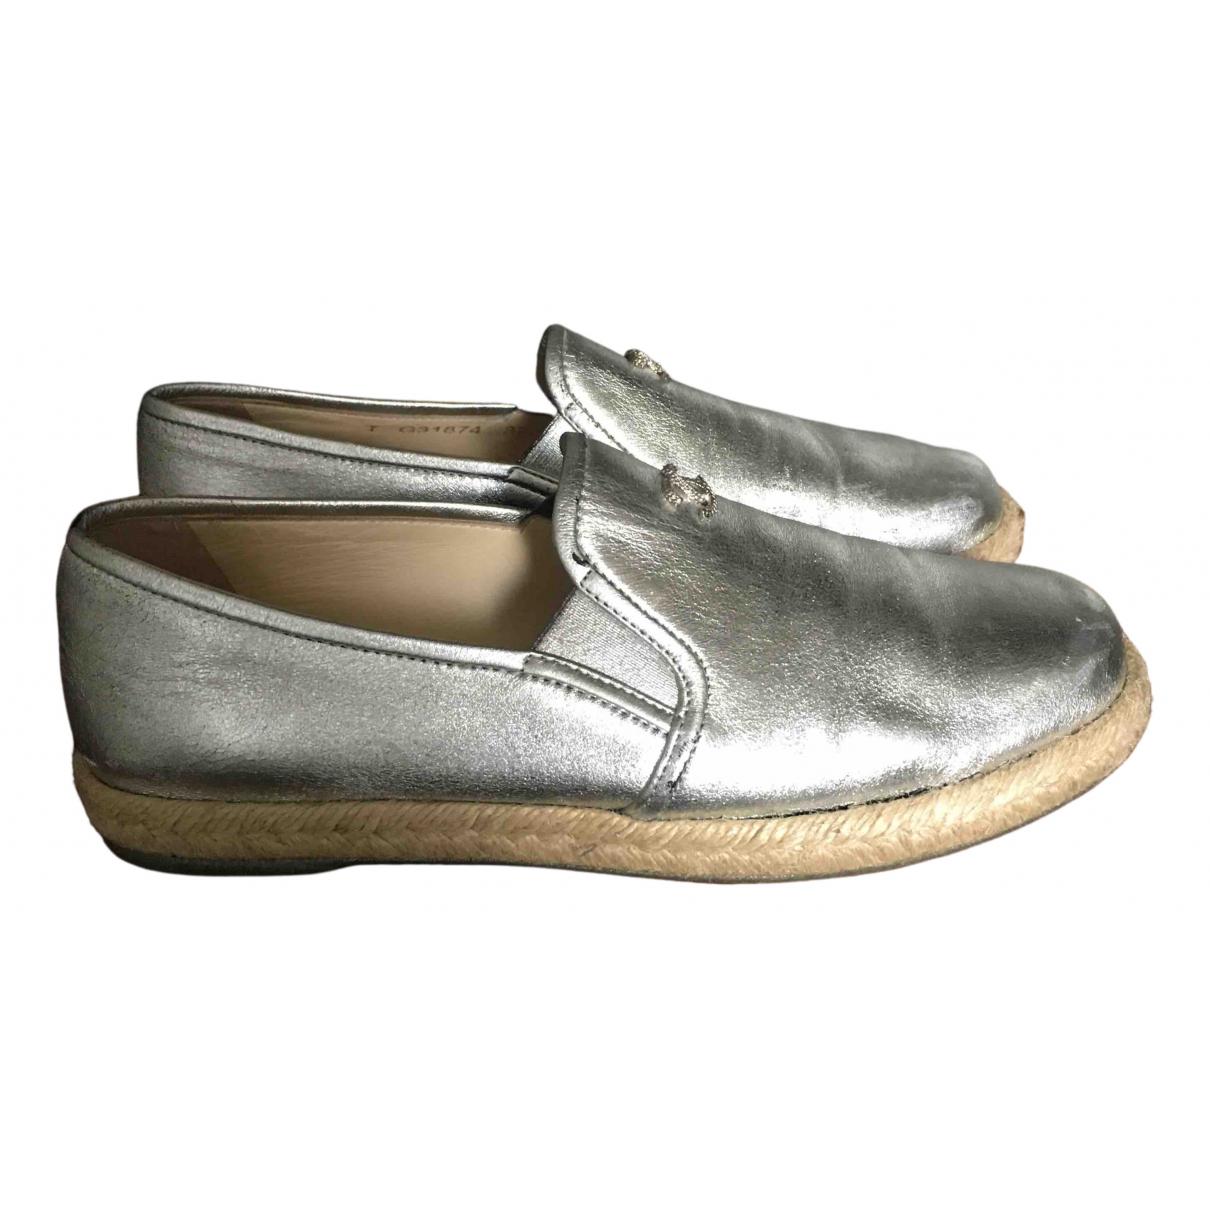 Chanel \N Espadrilles in  Silber Leder